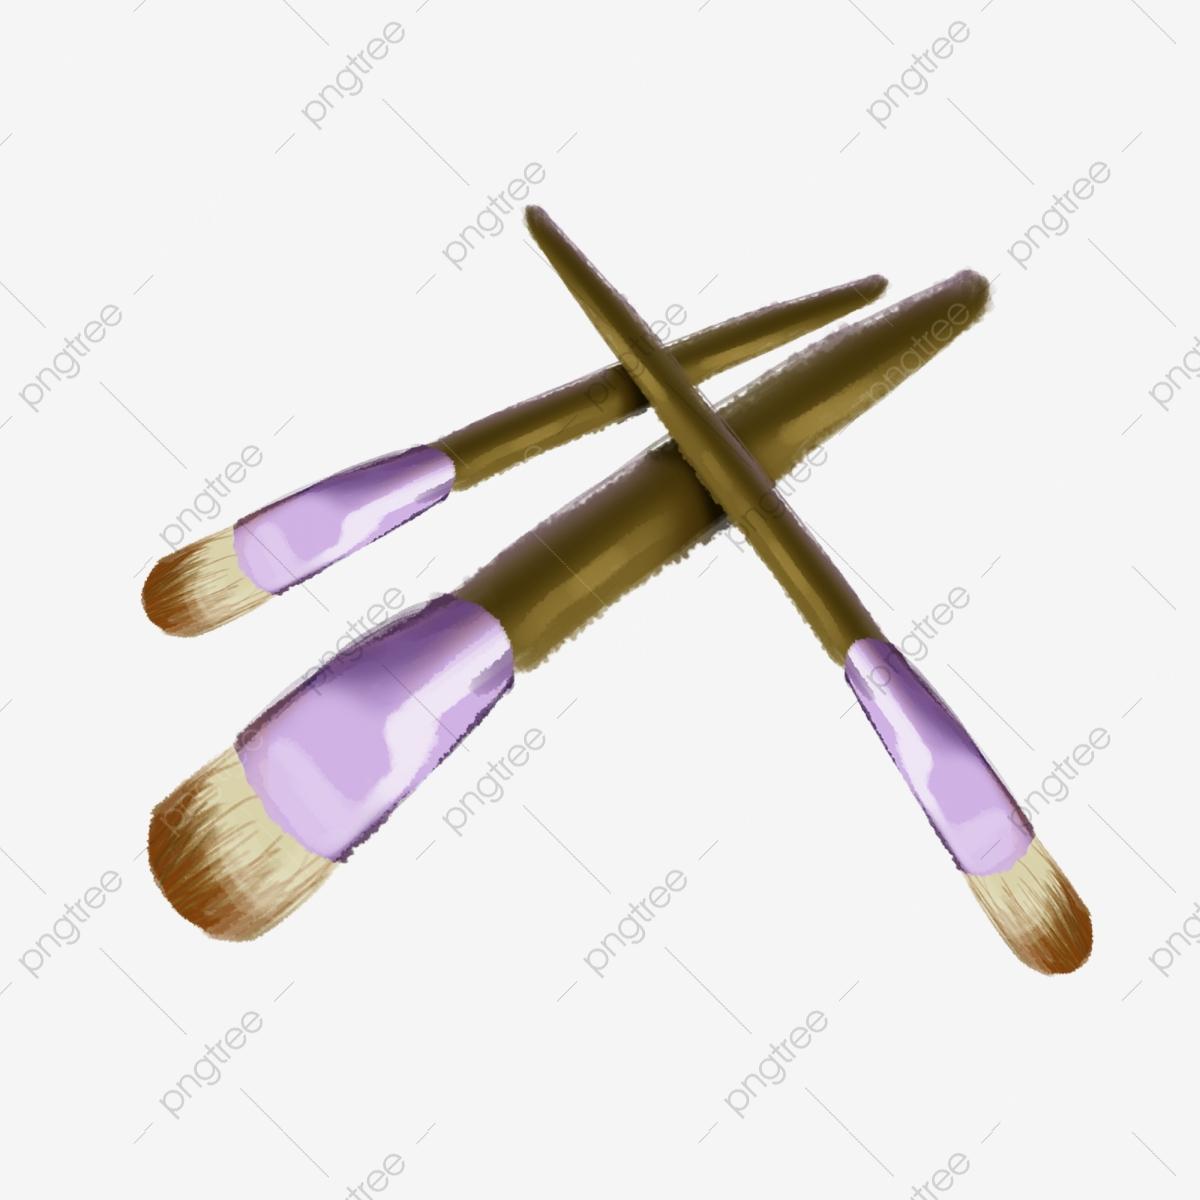 Brush Painting Supplies, Brush Clipart, Brush Painting Brush, Paint.